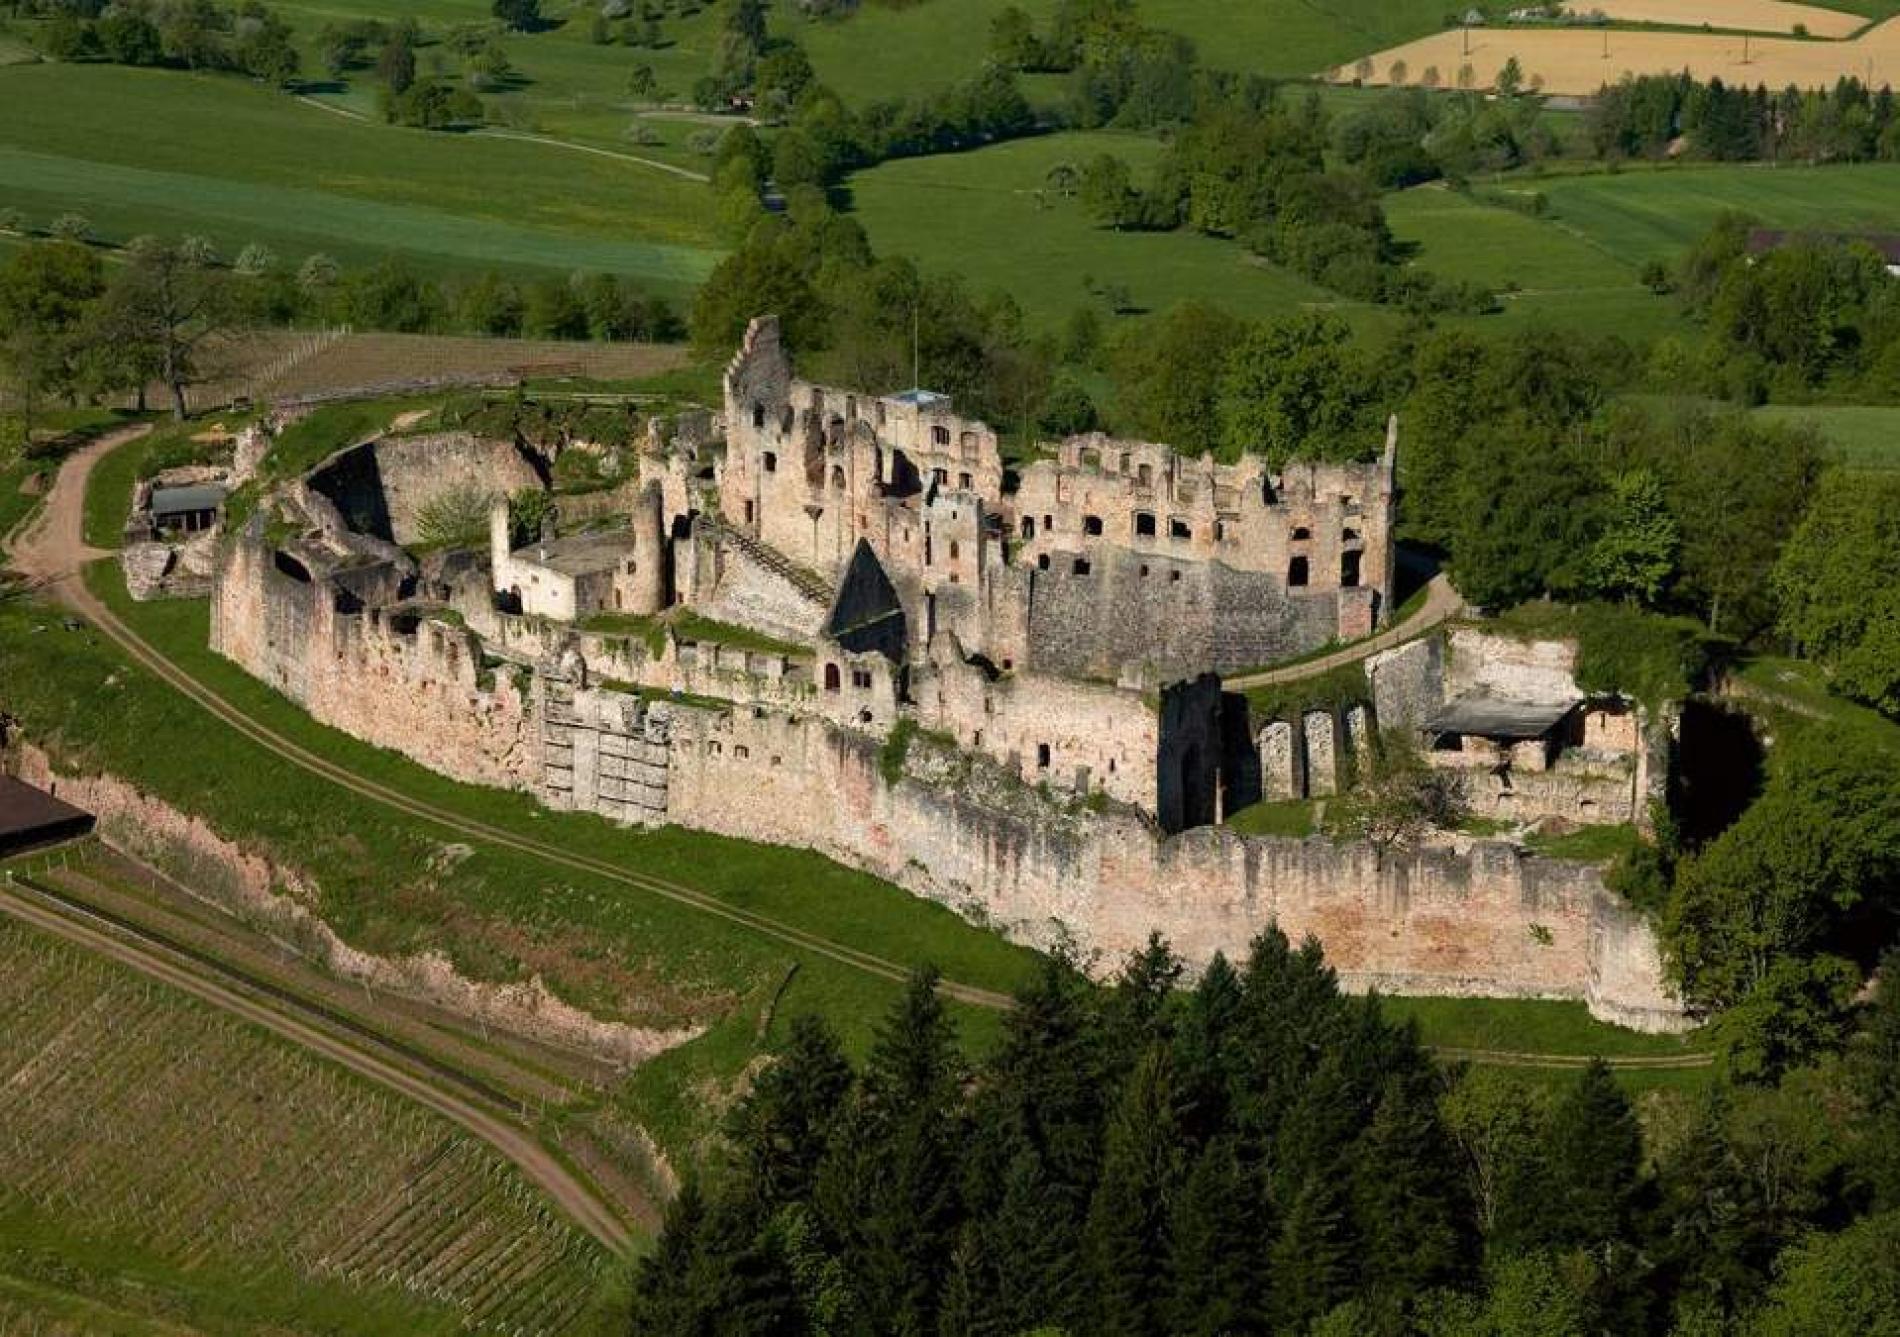 Le château fort de Hochburg proche de Freiburg